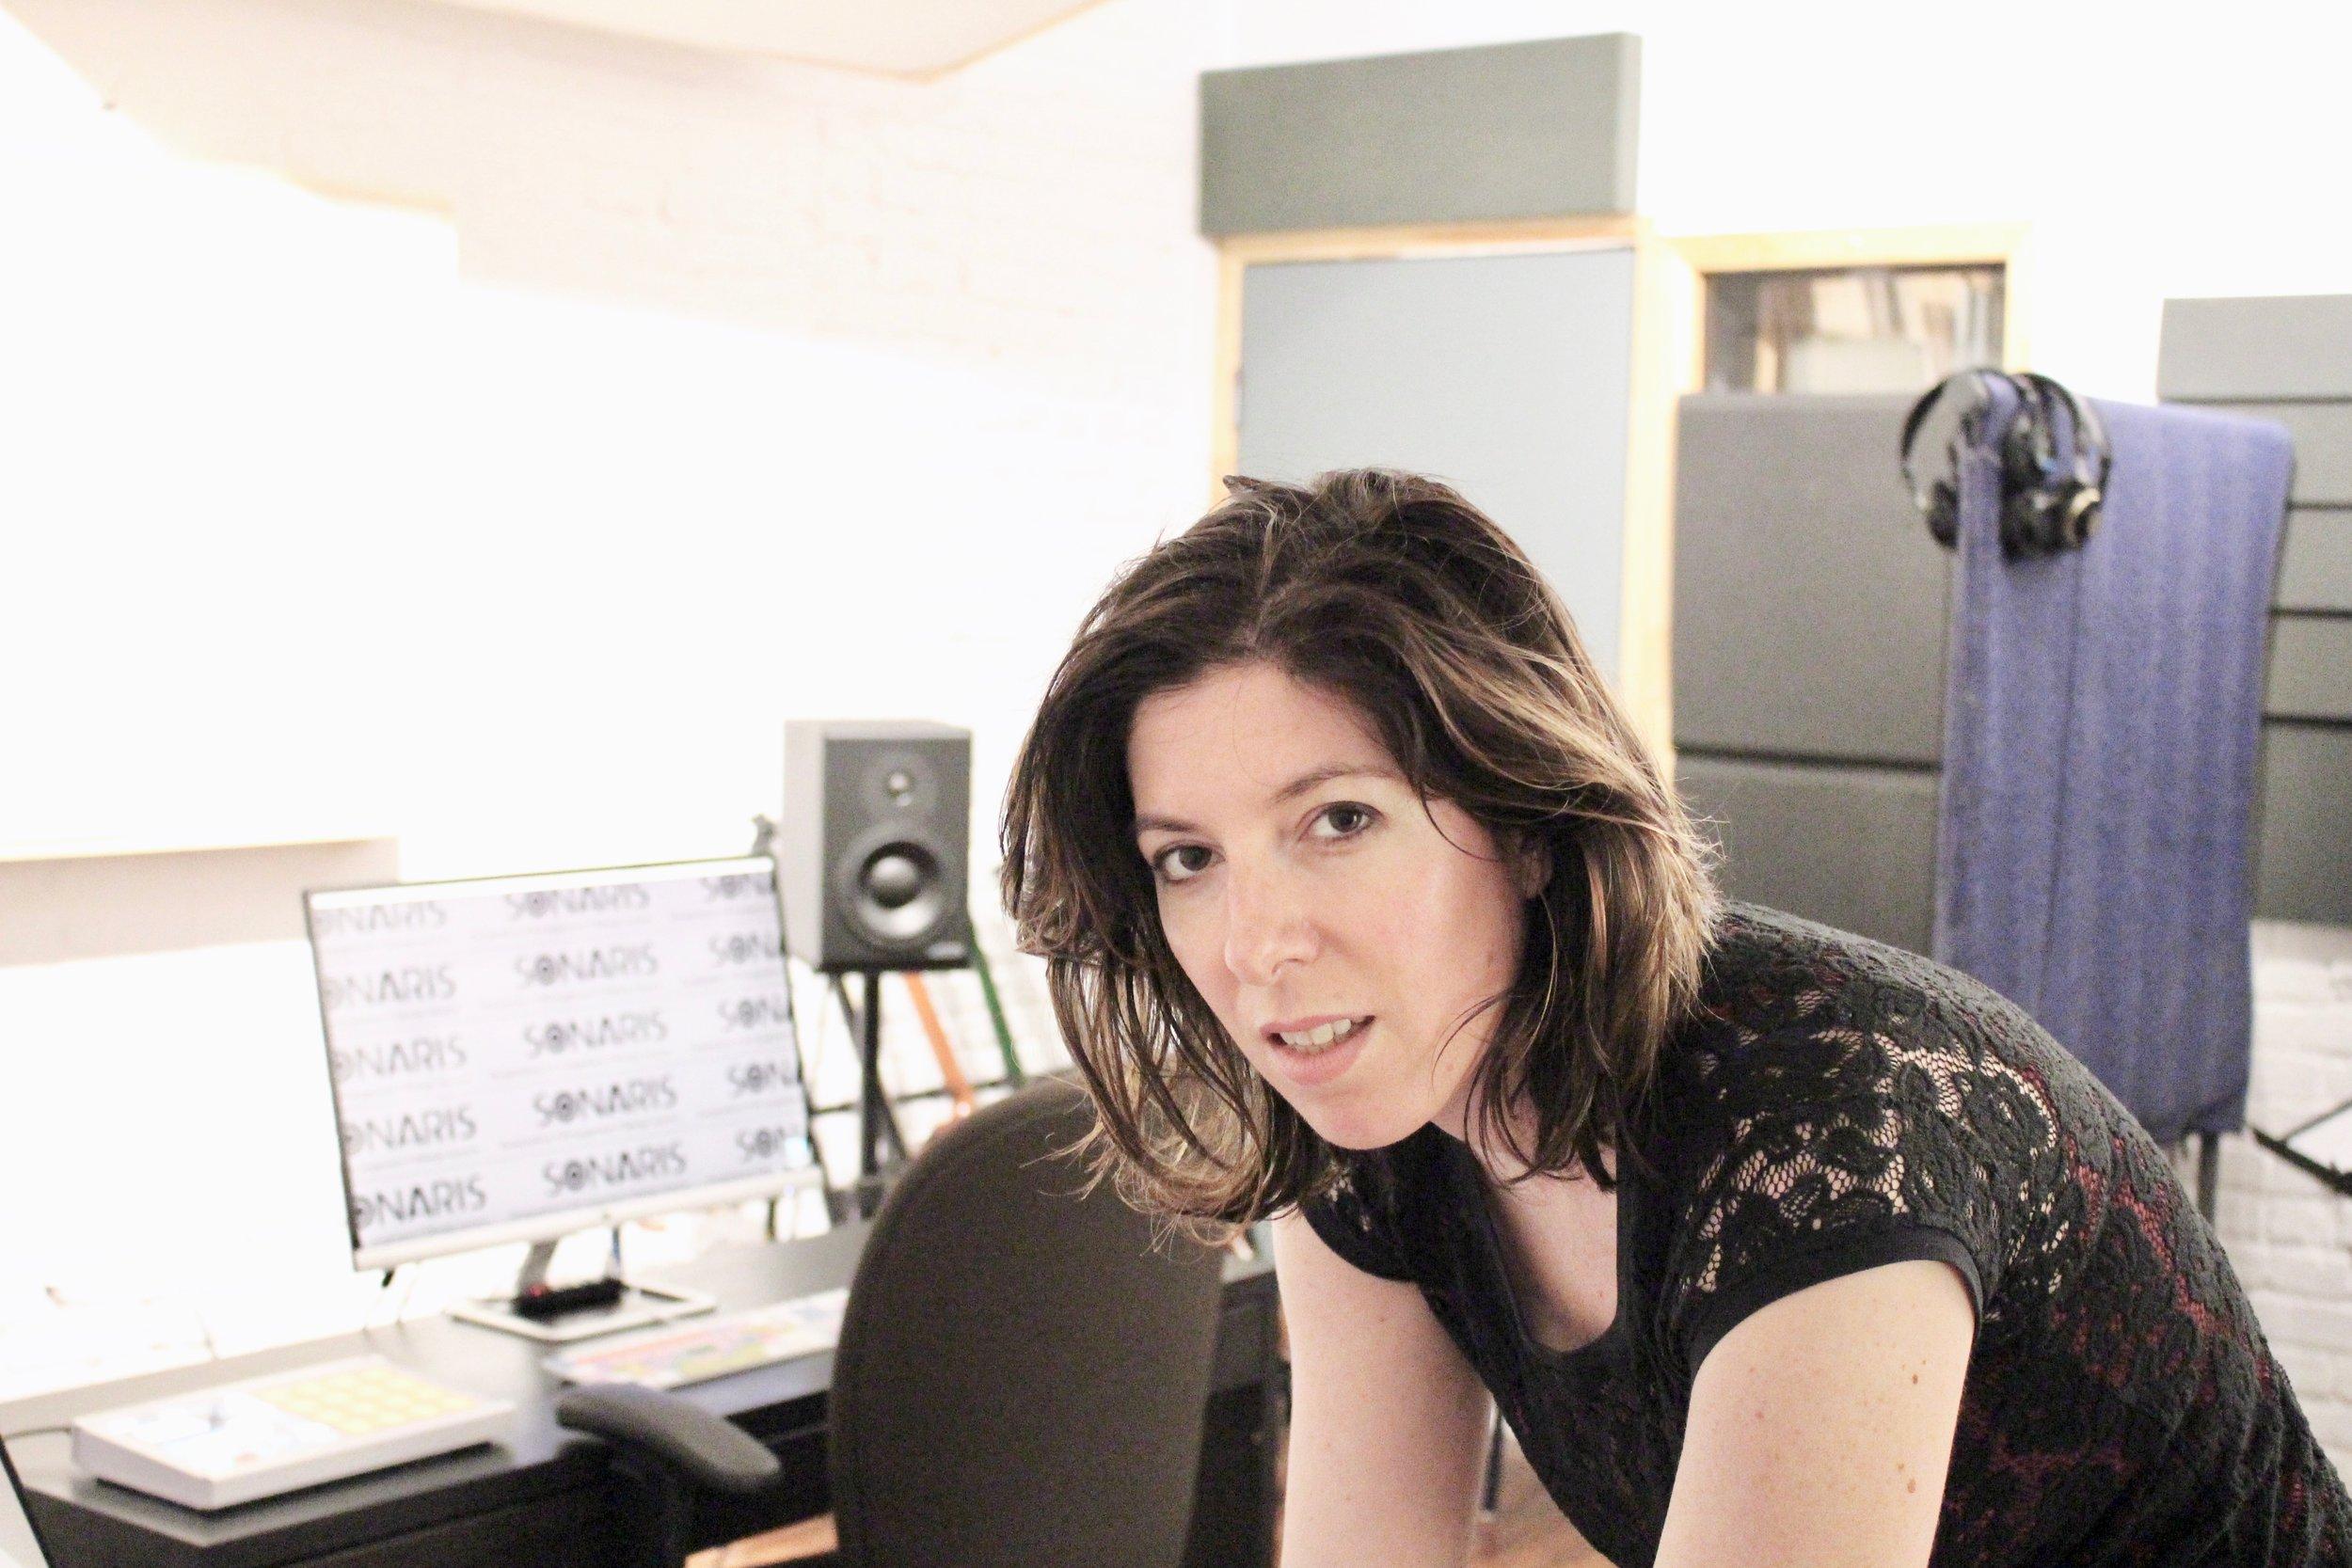 CHANGEONS NOTRE MONDE, UNE ŒUVRE À LA FOIS. - Image : en train de jouer du piano dans mon studio!